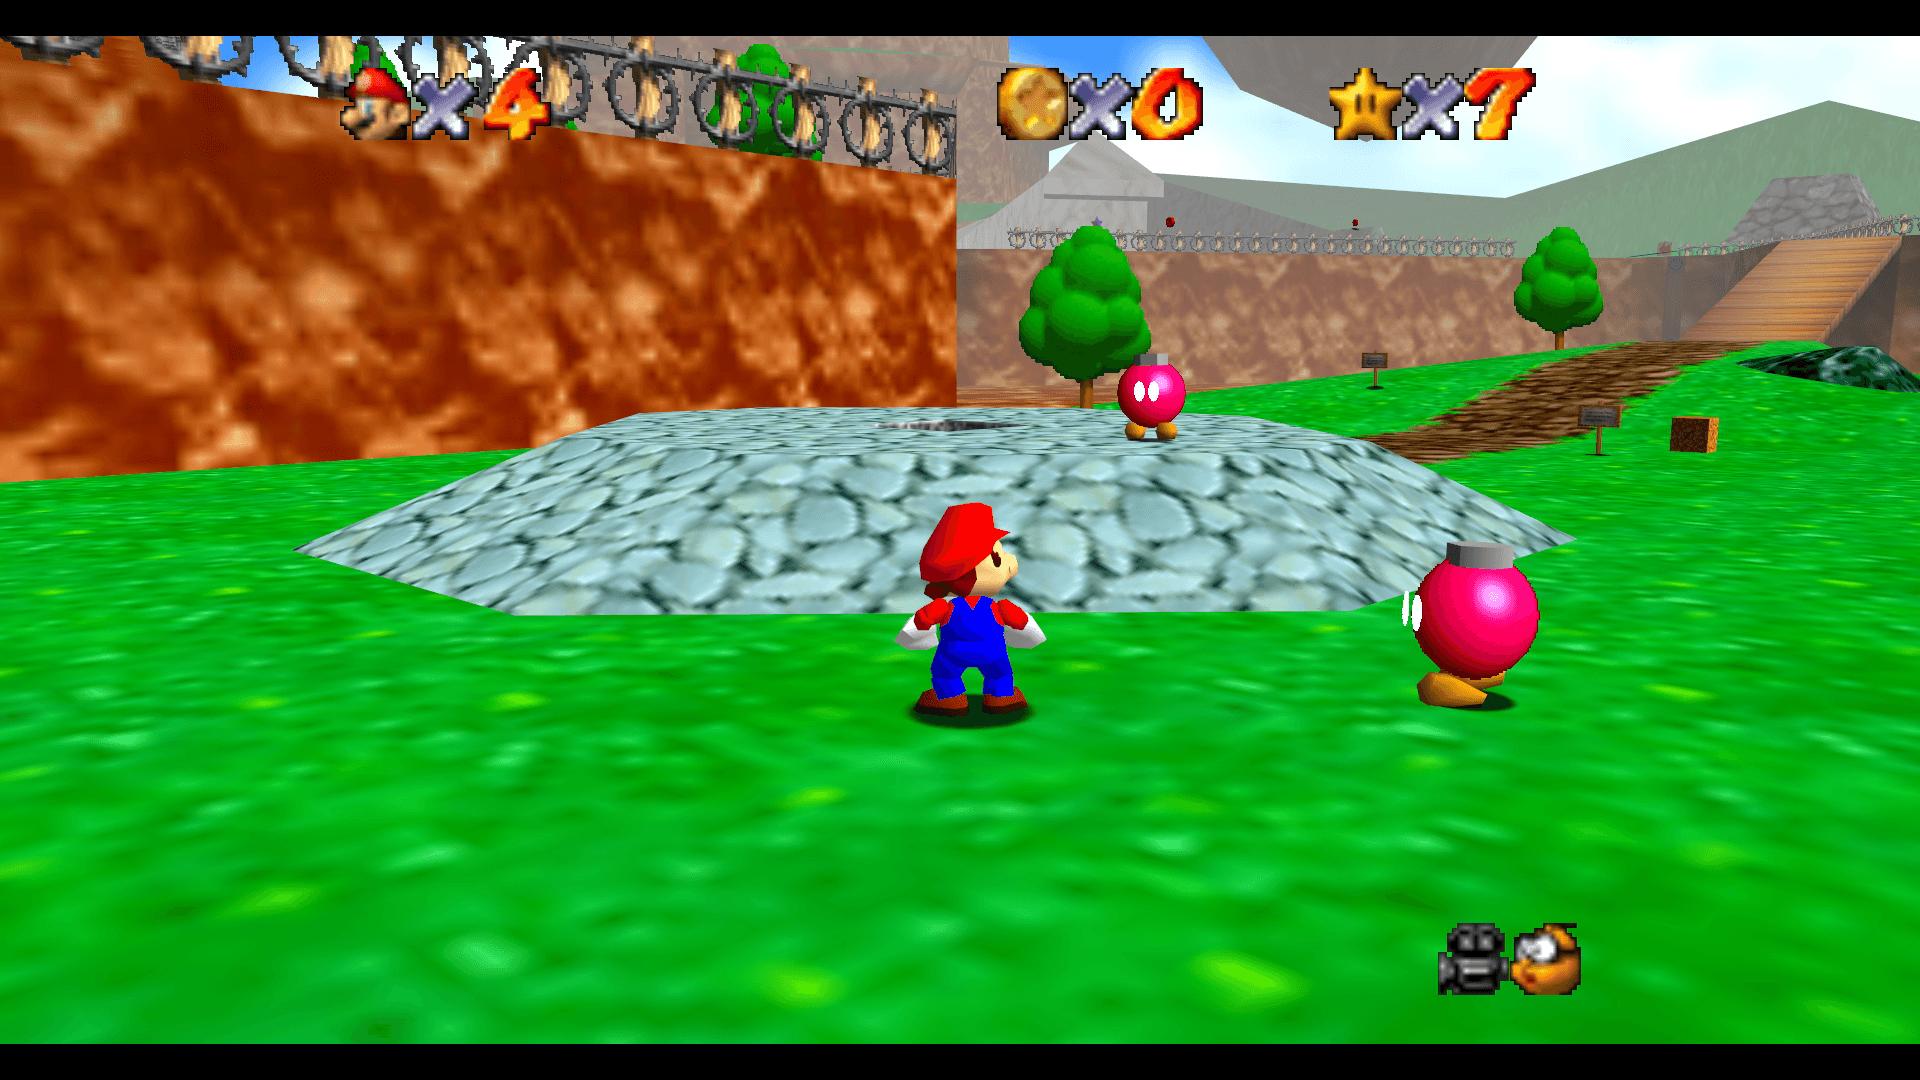 Super Mario 64 Bob-omb Battlefield